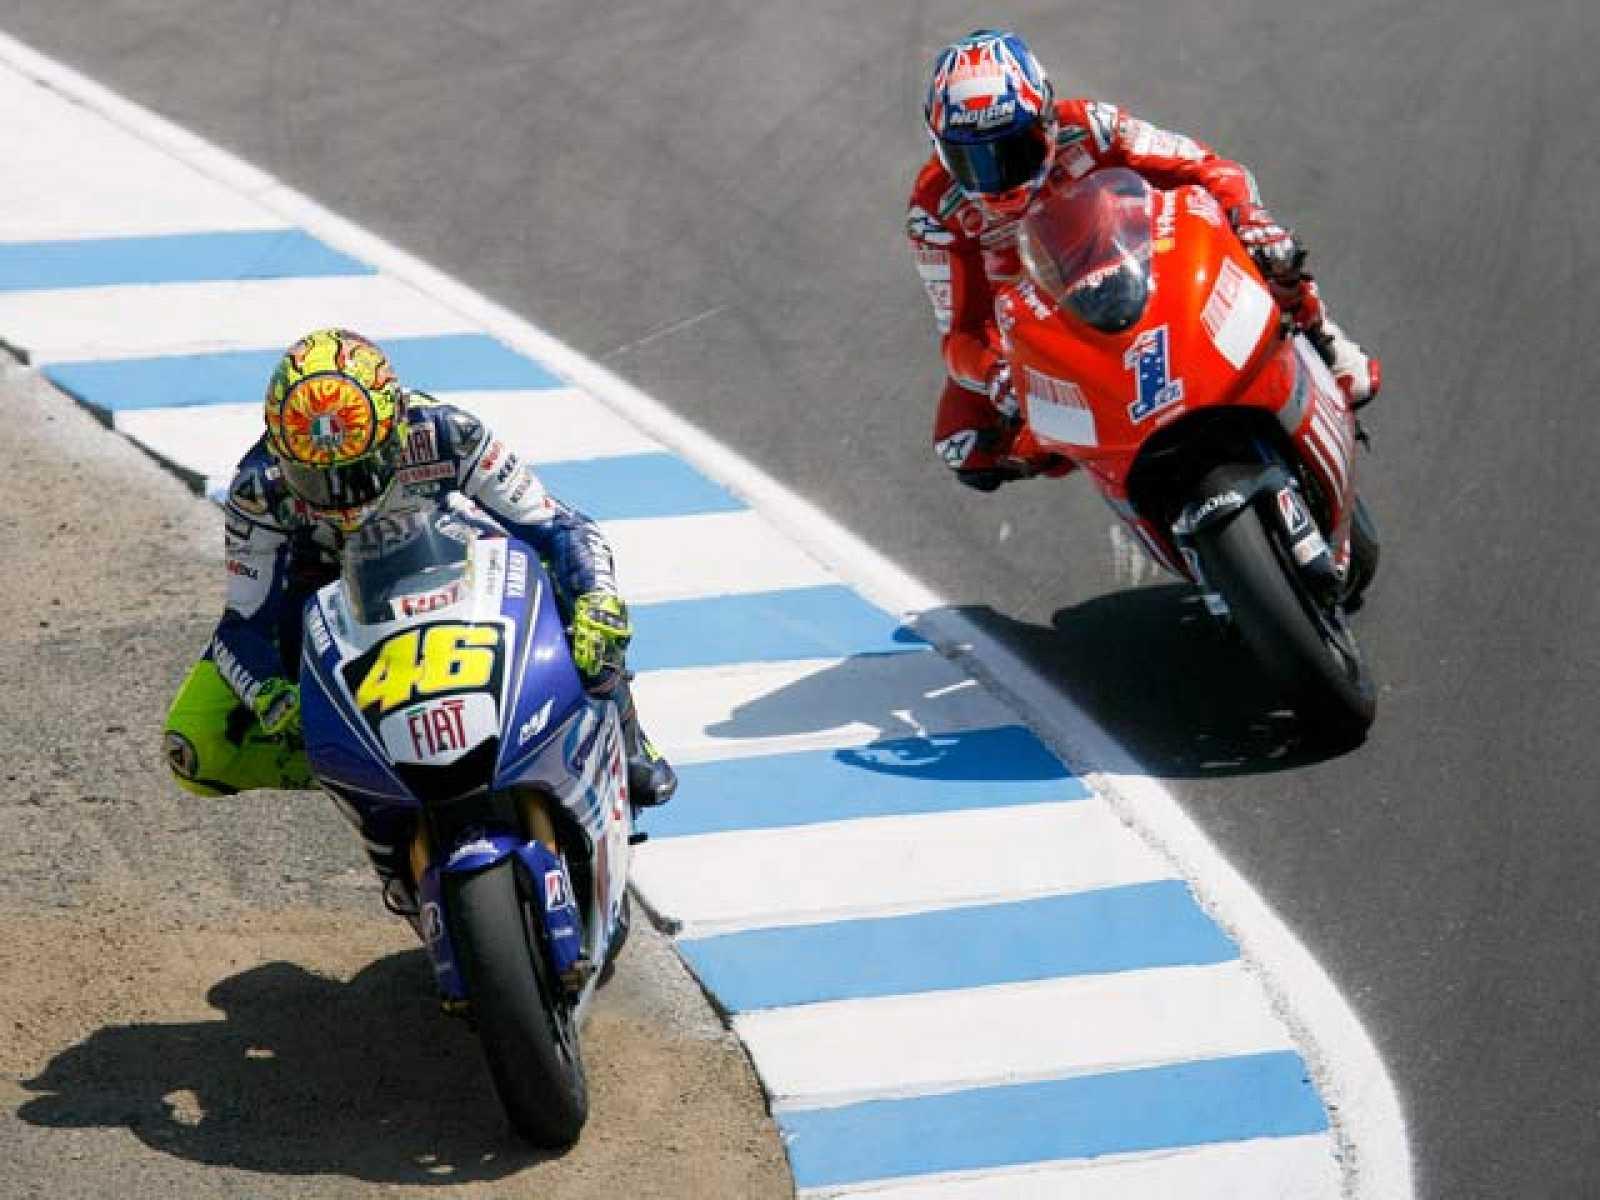 El Mundial de MotoGP llega al circuito de Laguna Seca, con su mítica curva 'sacacorchos'.